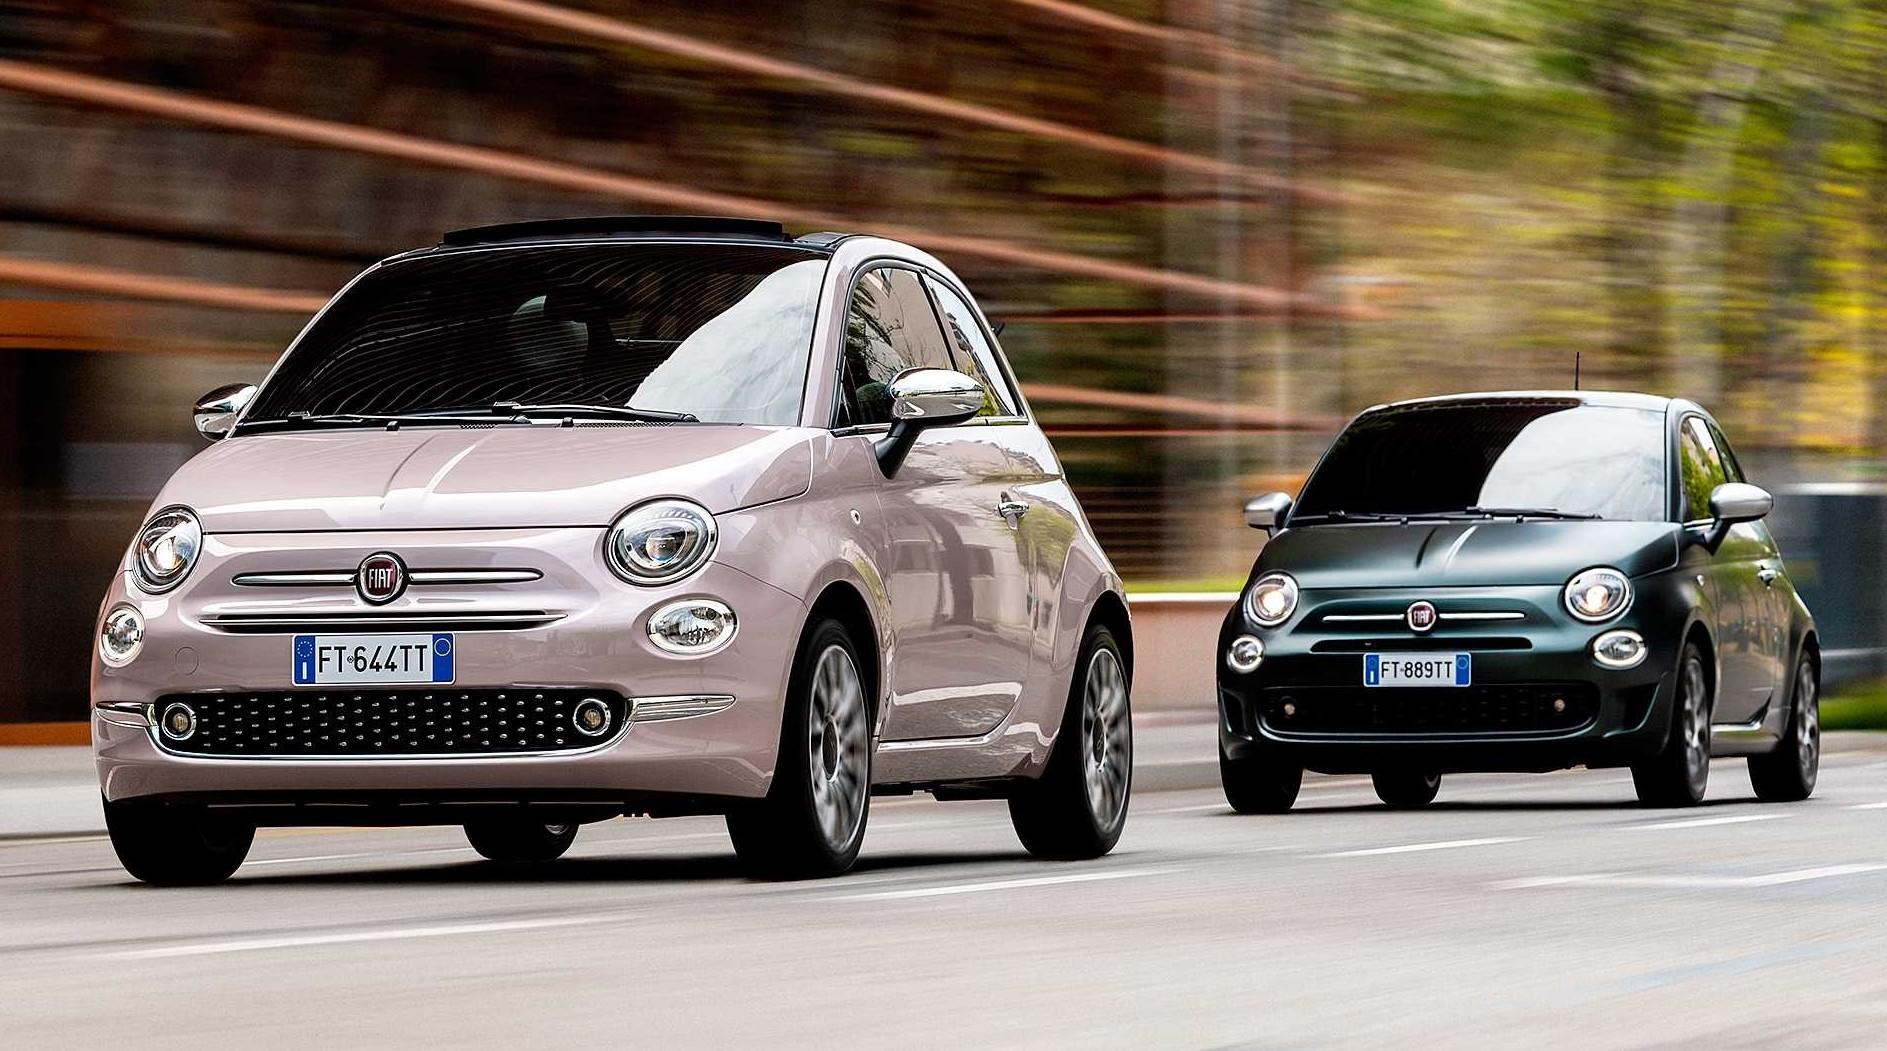 Fiat 500, allerta per problemi. Possibil